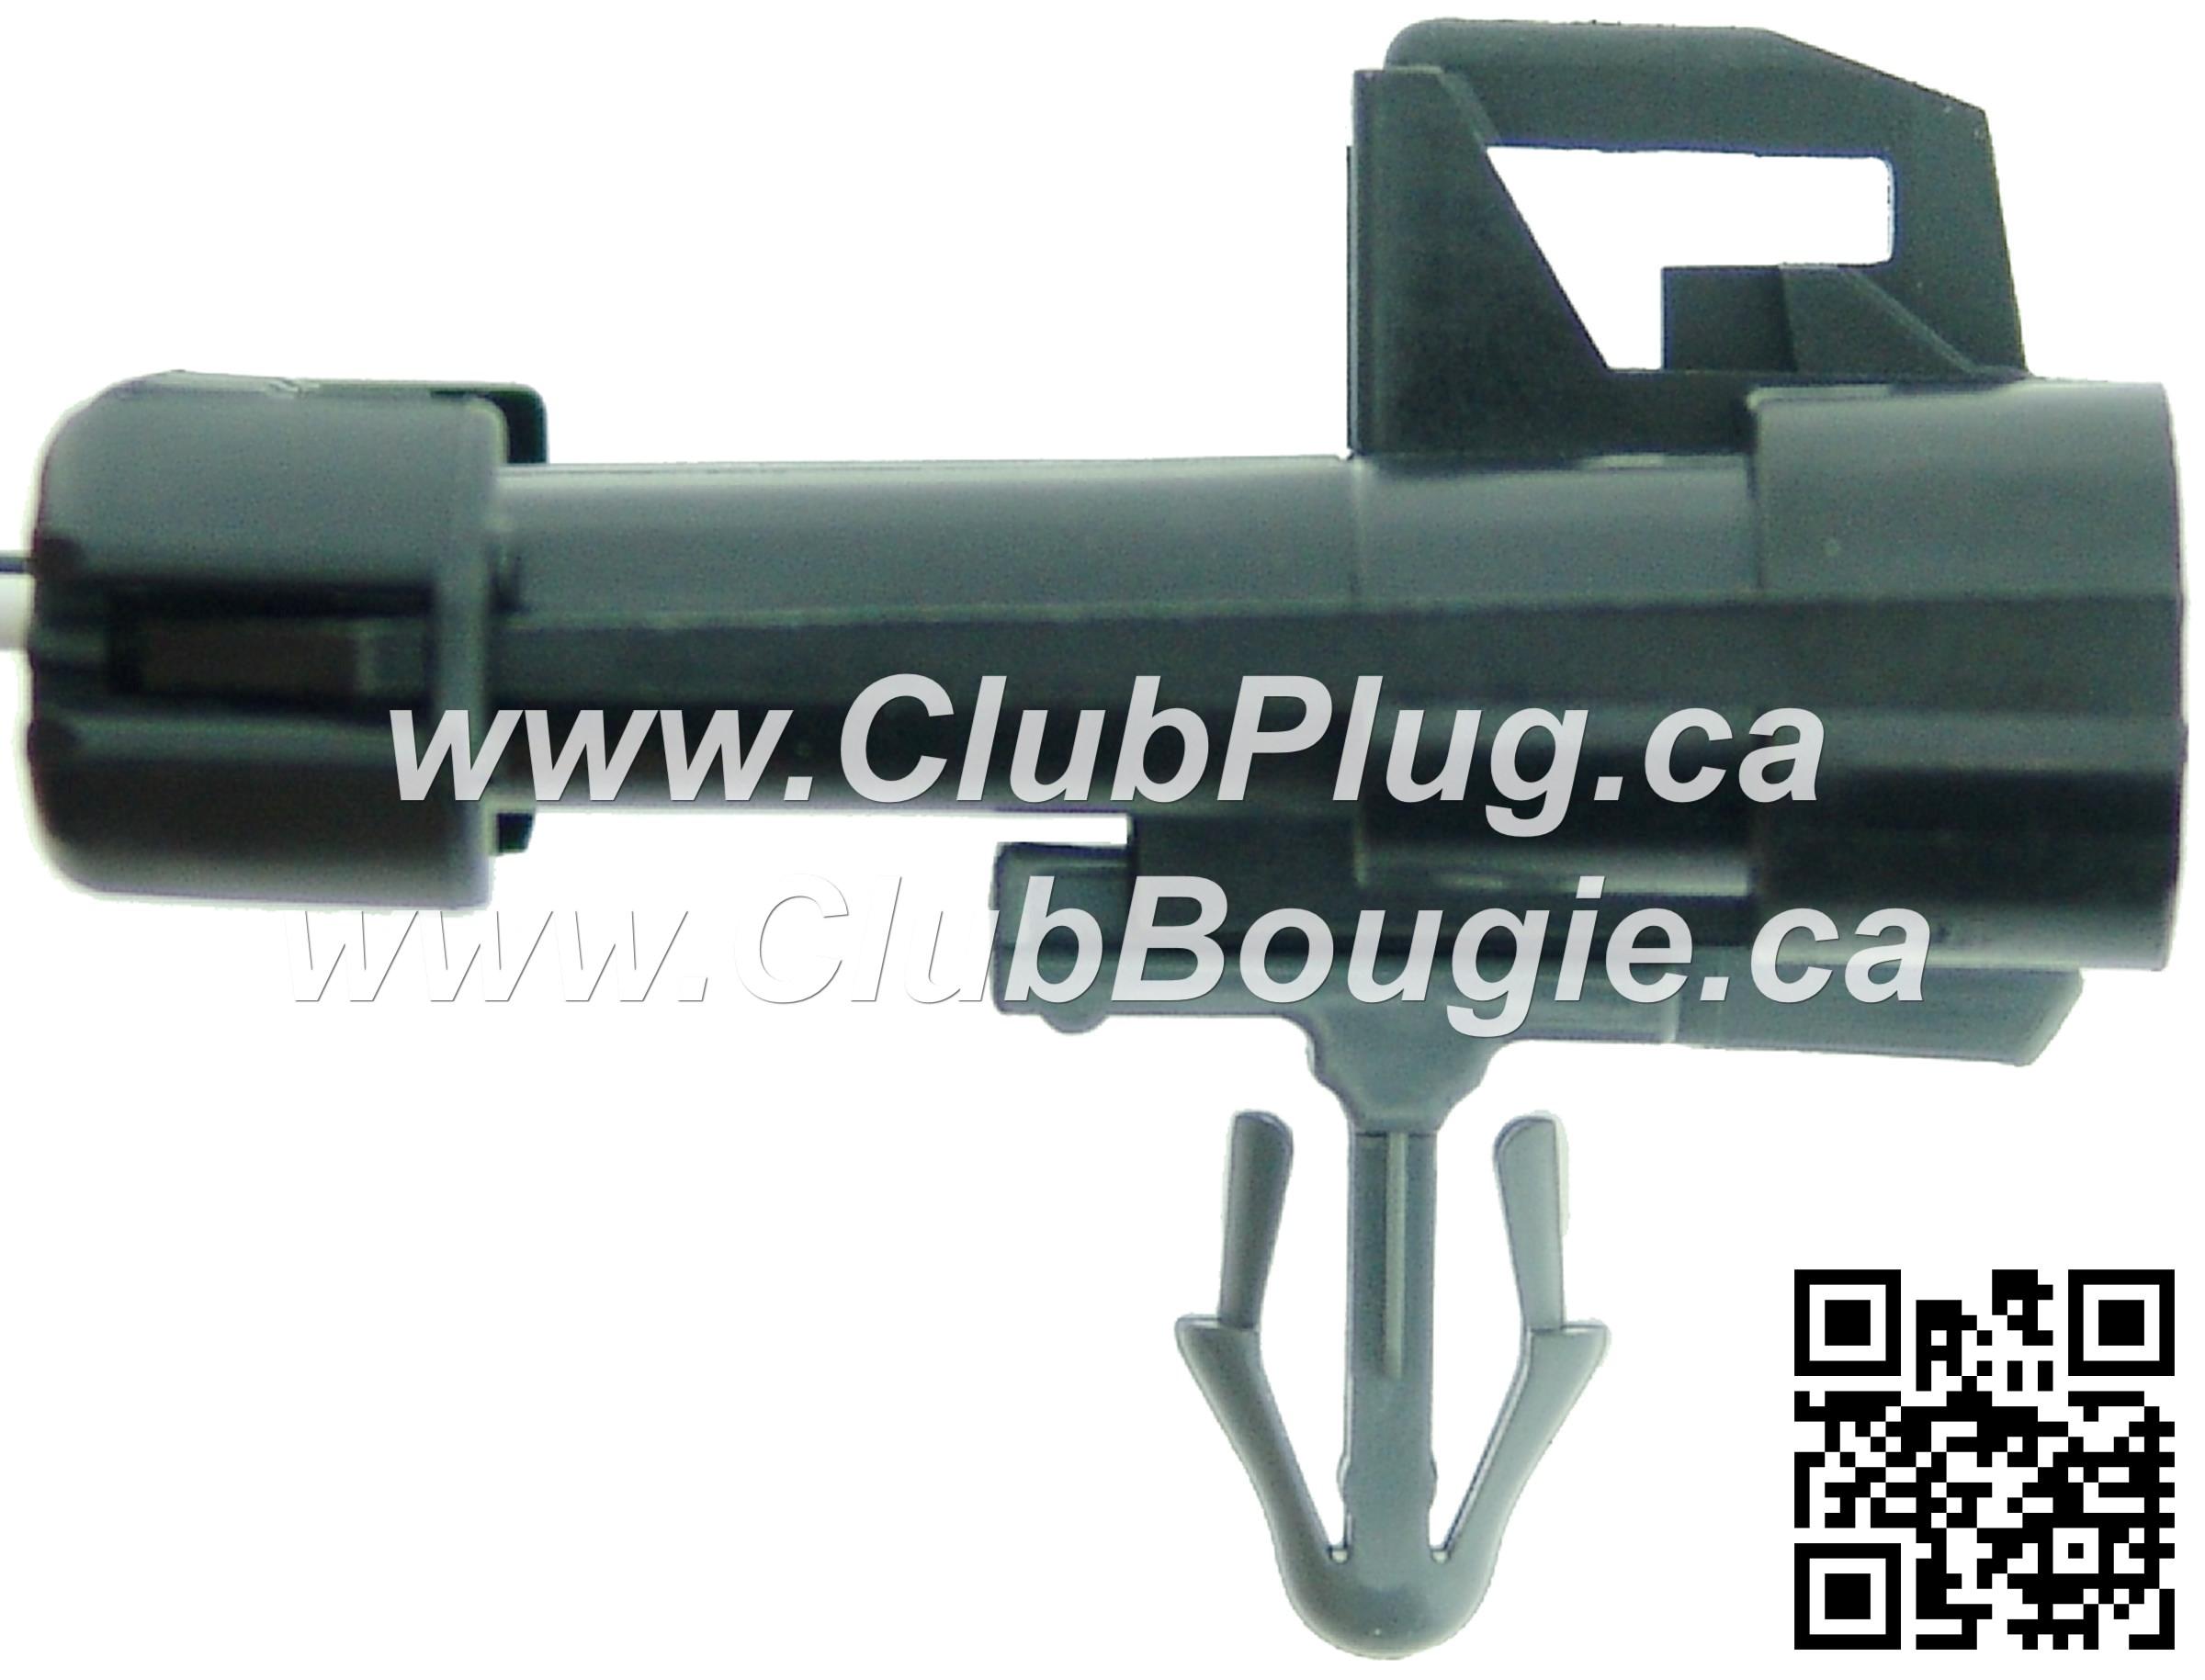 NGK Canada Bougies d'Allumage, Jeux de Fils et capteurs O2, image